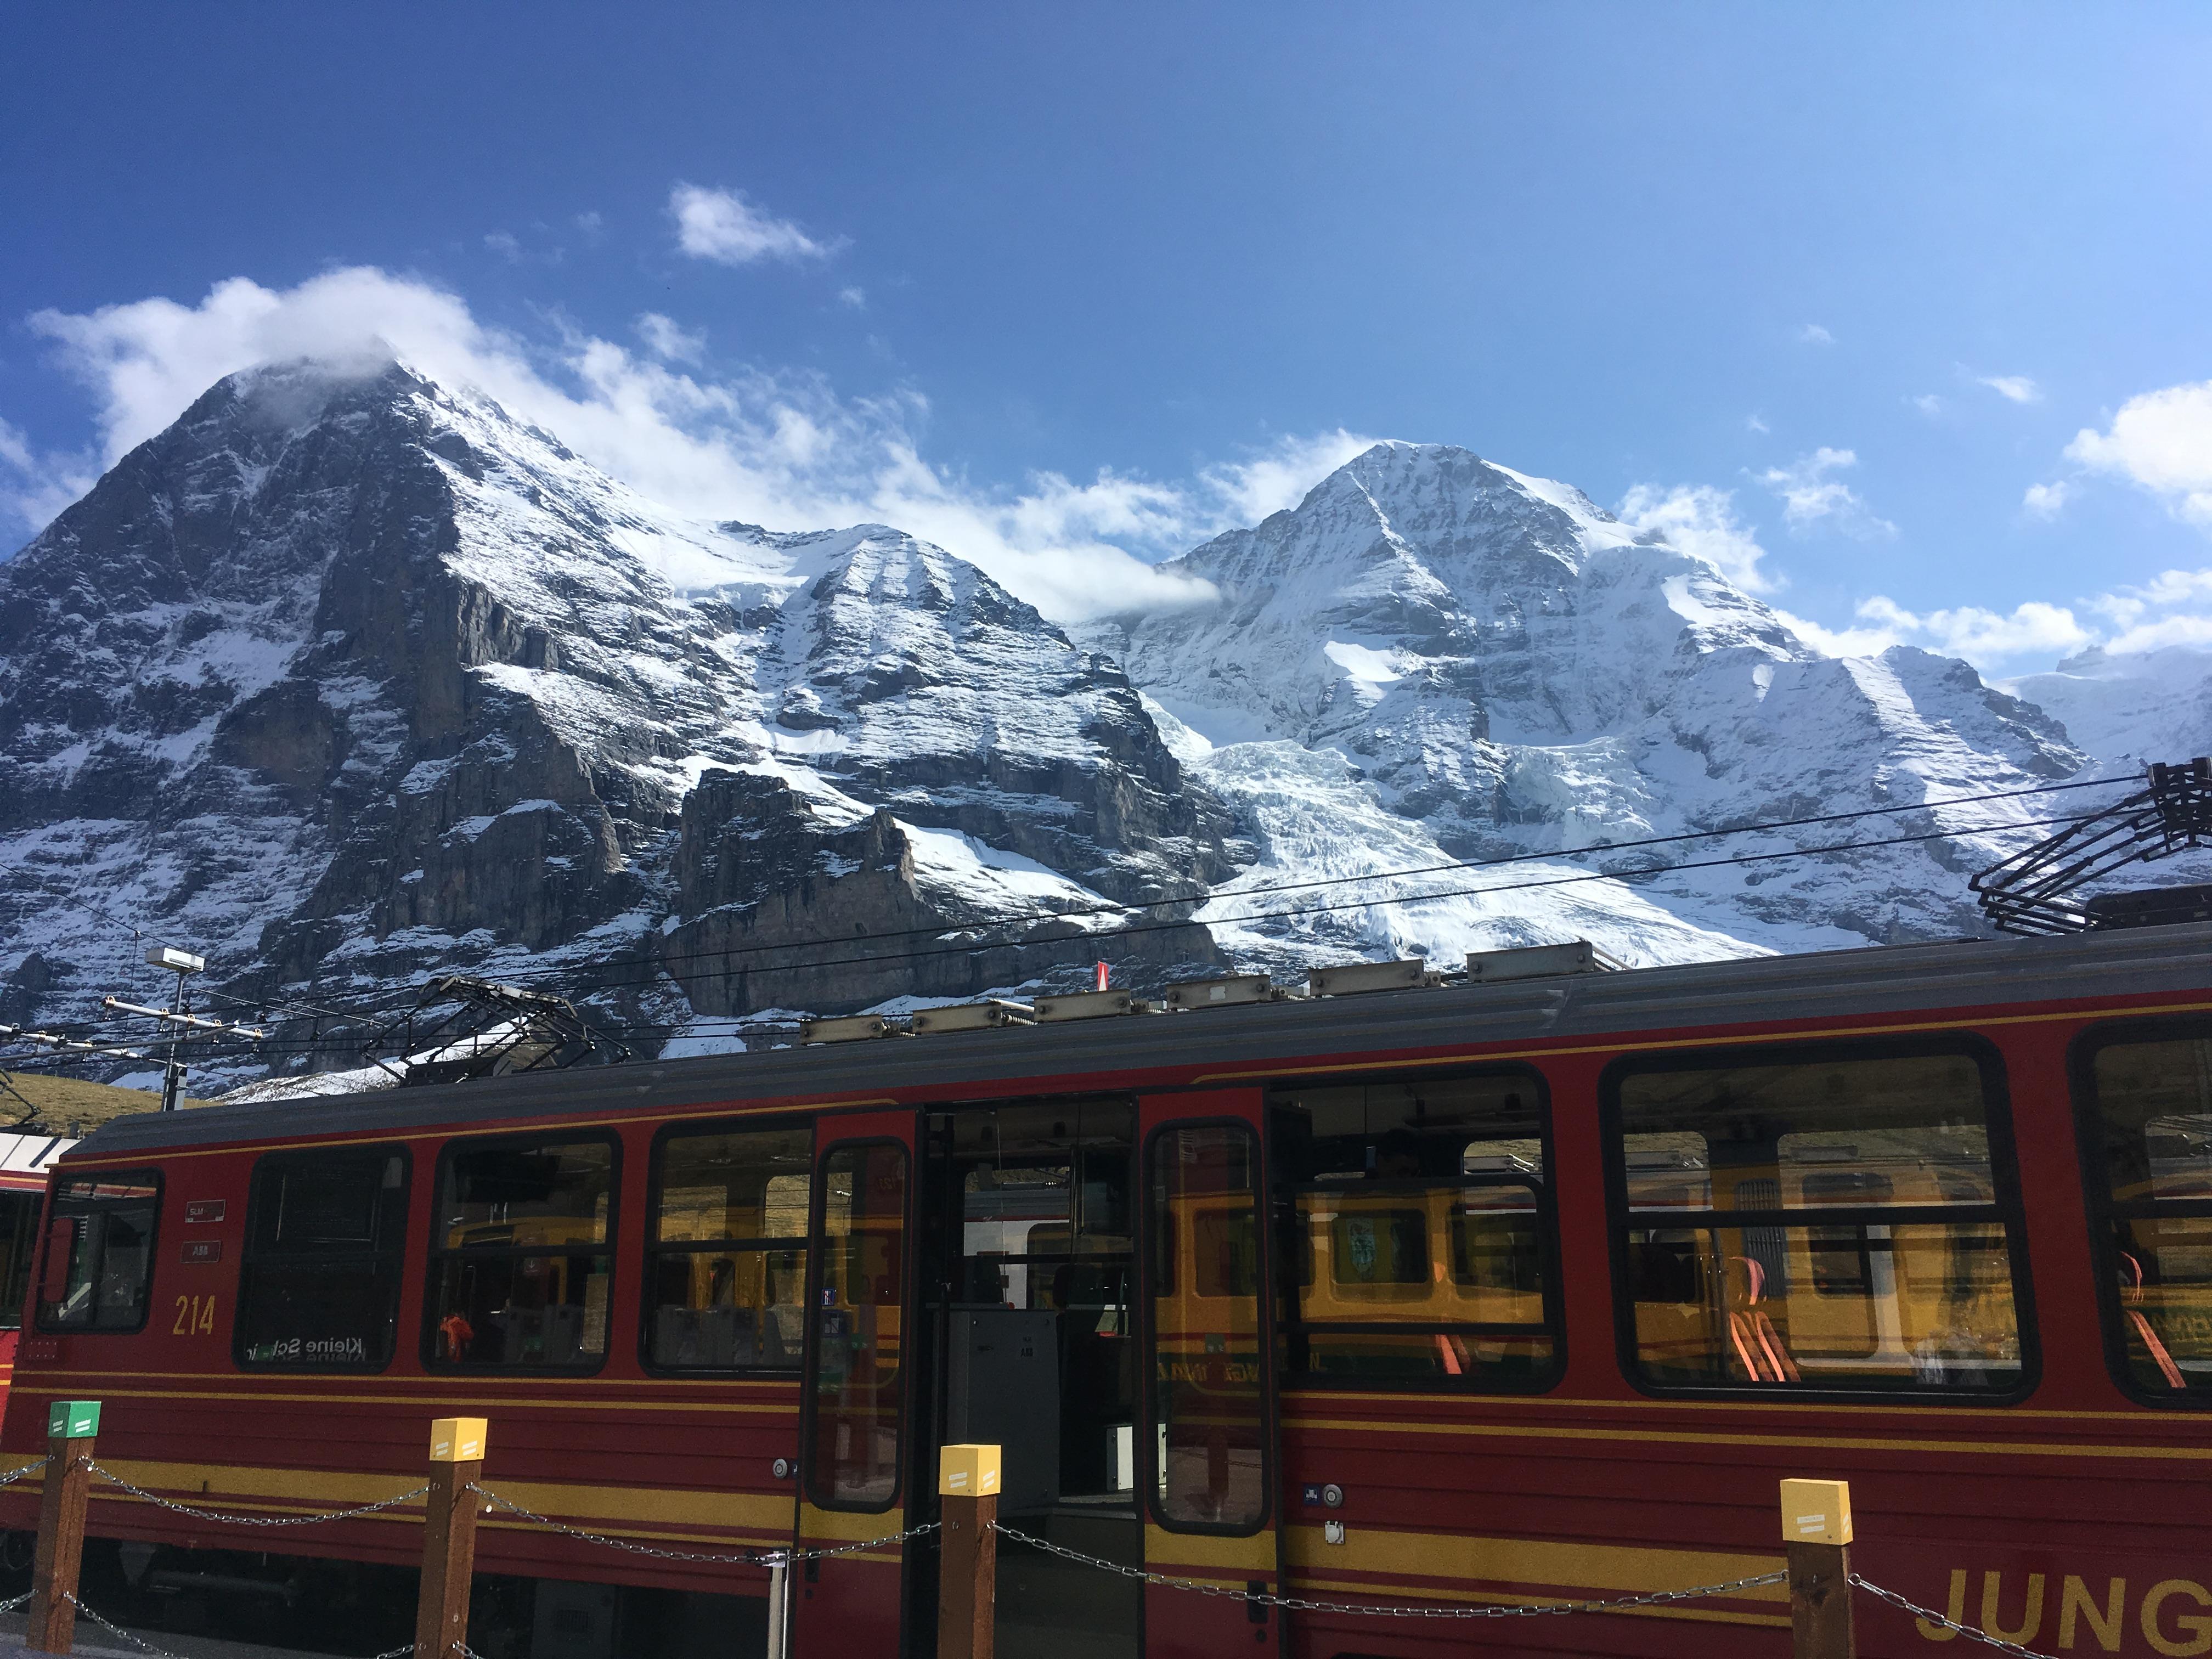 Tren en Grinderwald